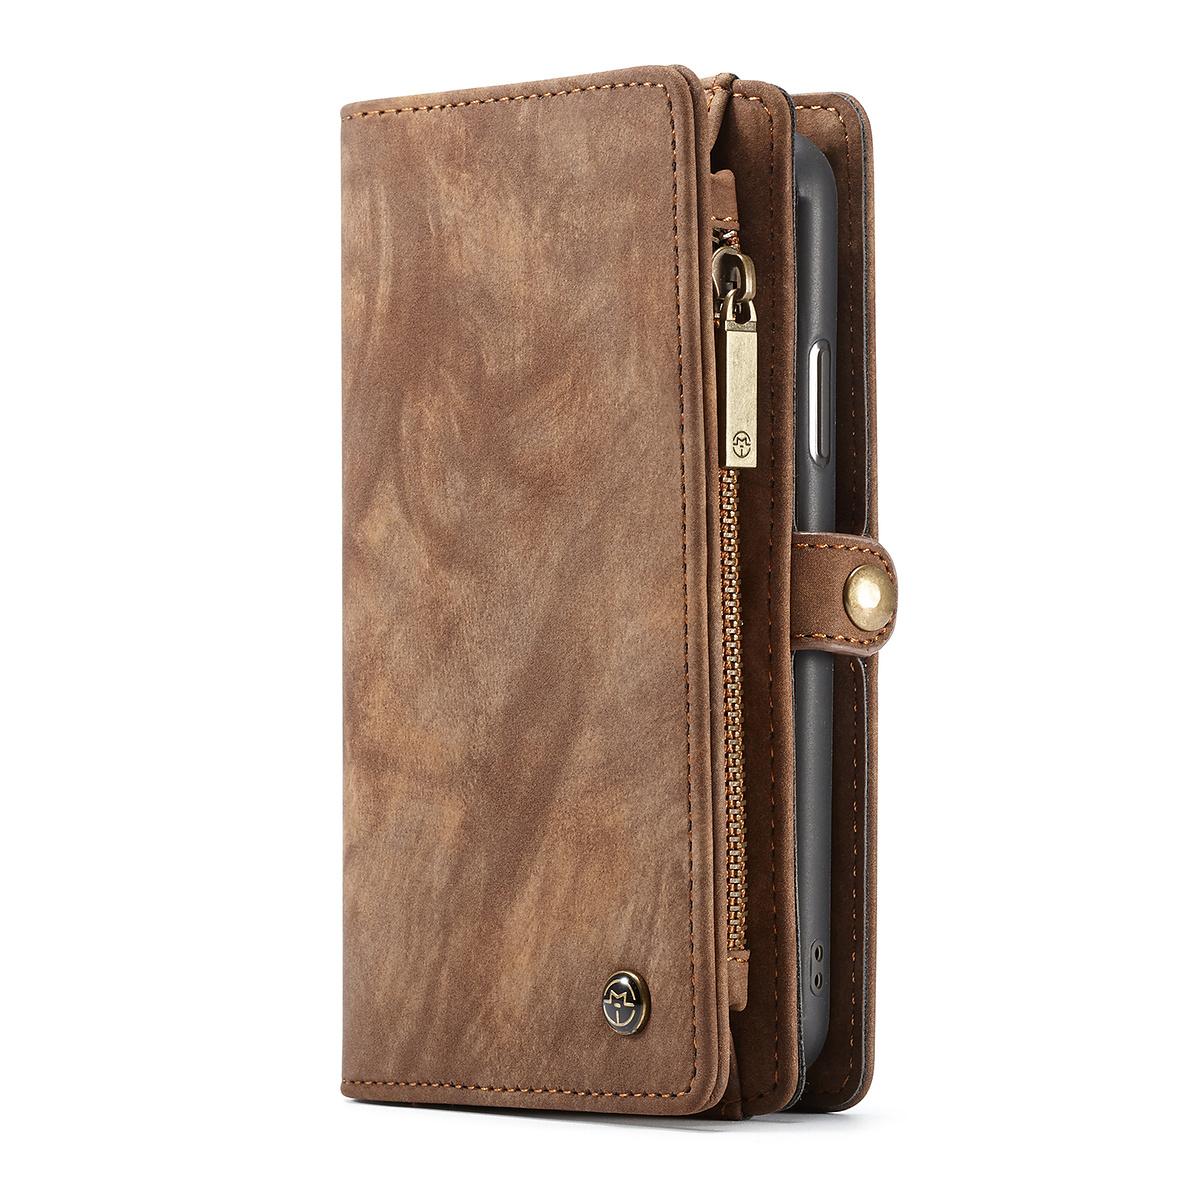 CaseMe plånboksfodral med magnetskal till iPhone XS Max, brun